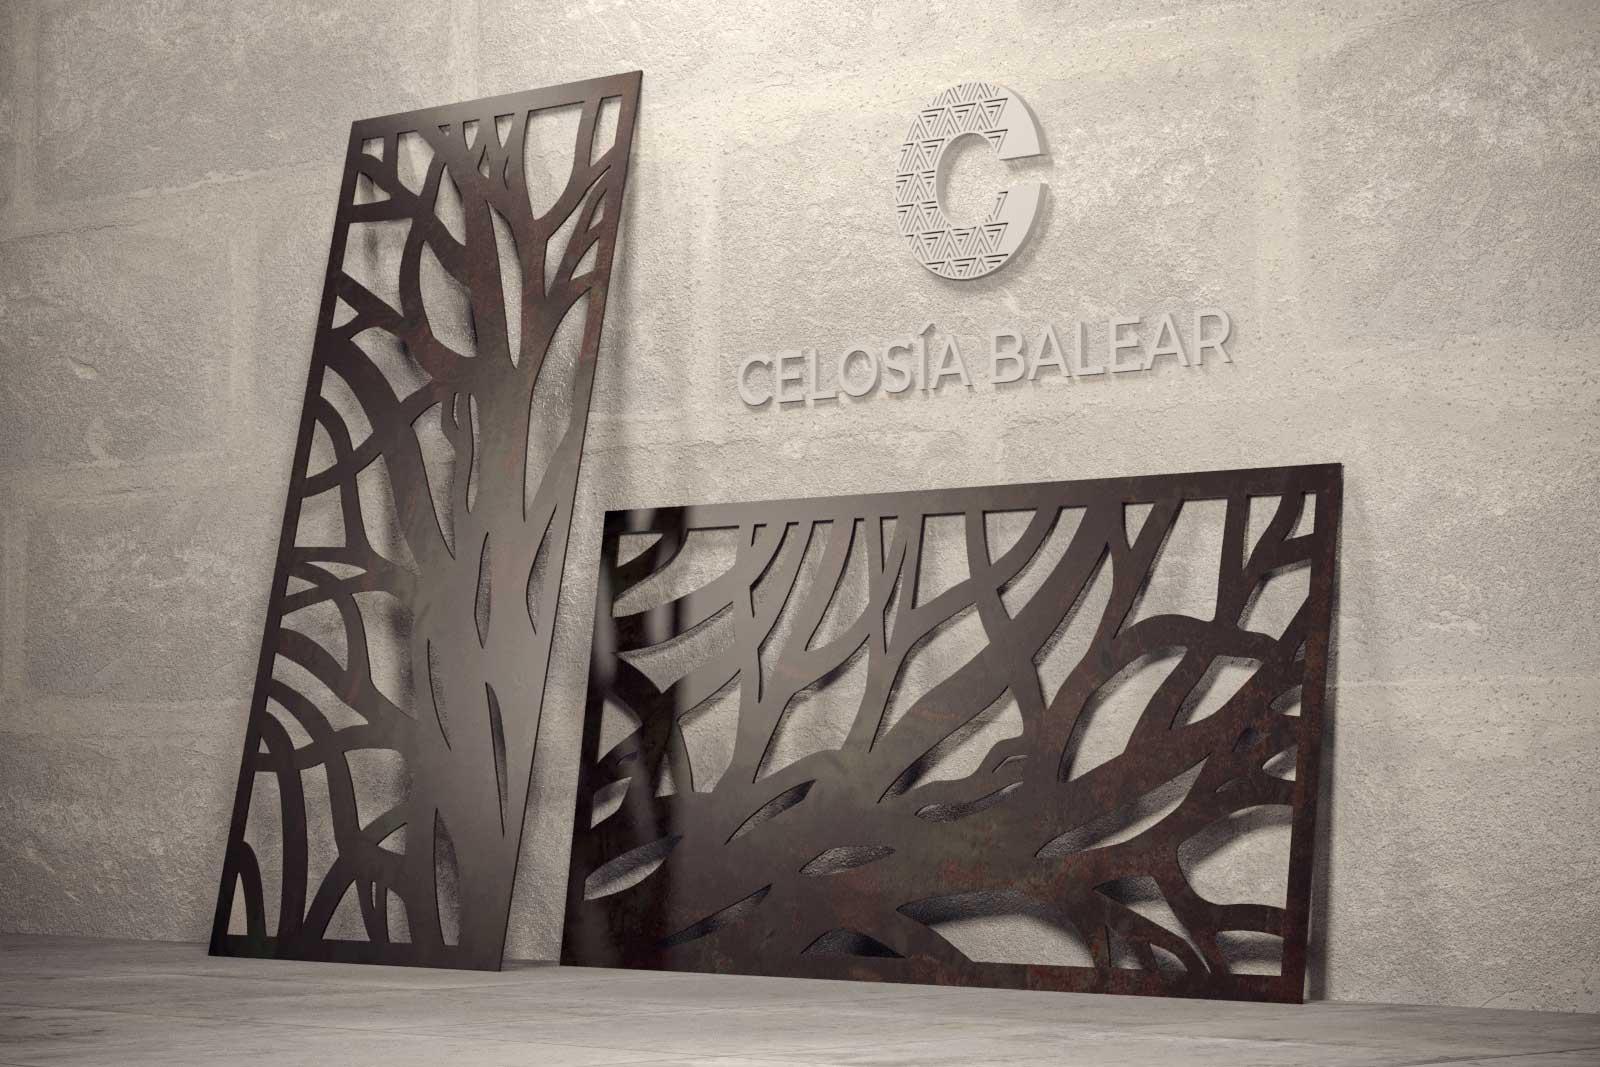 Placa de celosía con cortes de forma de árbol